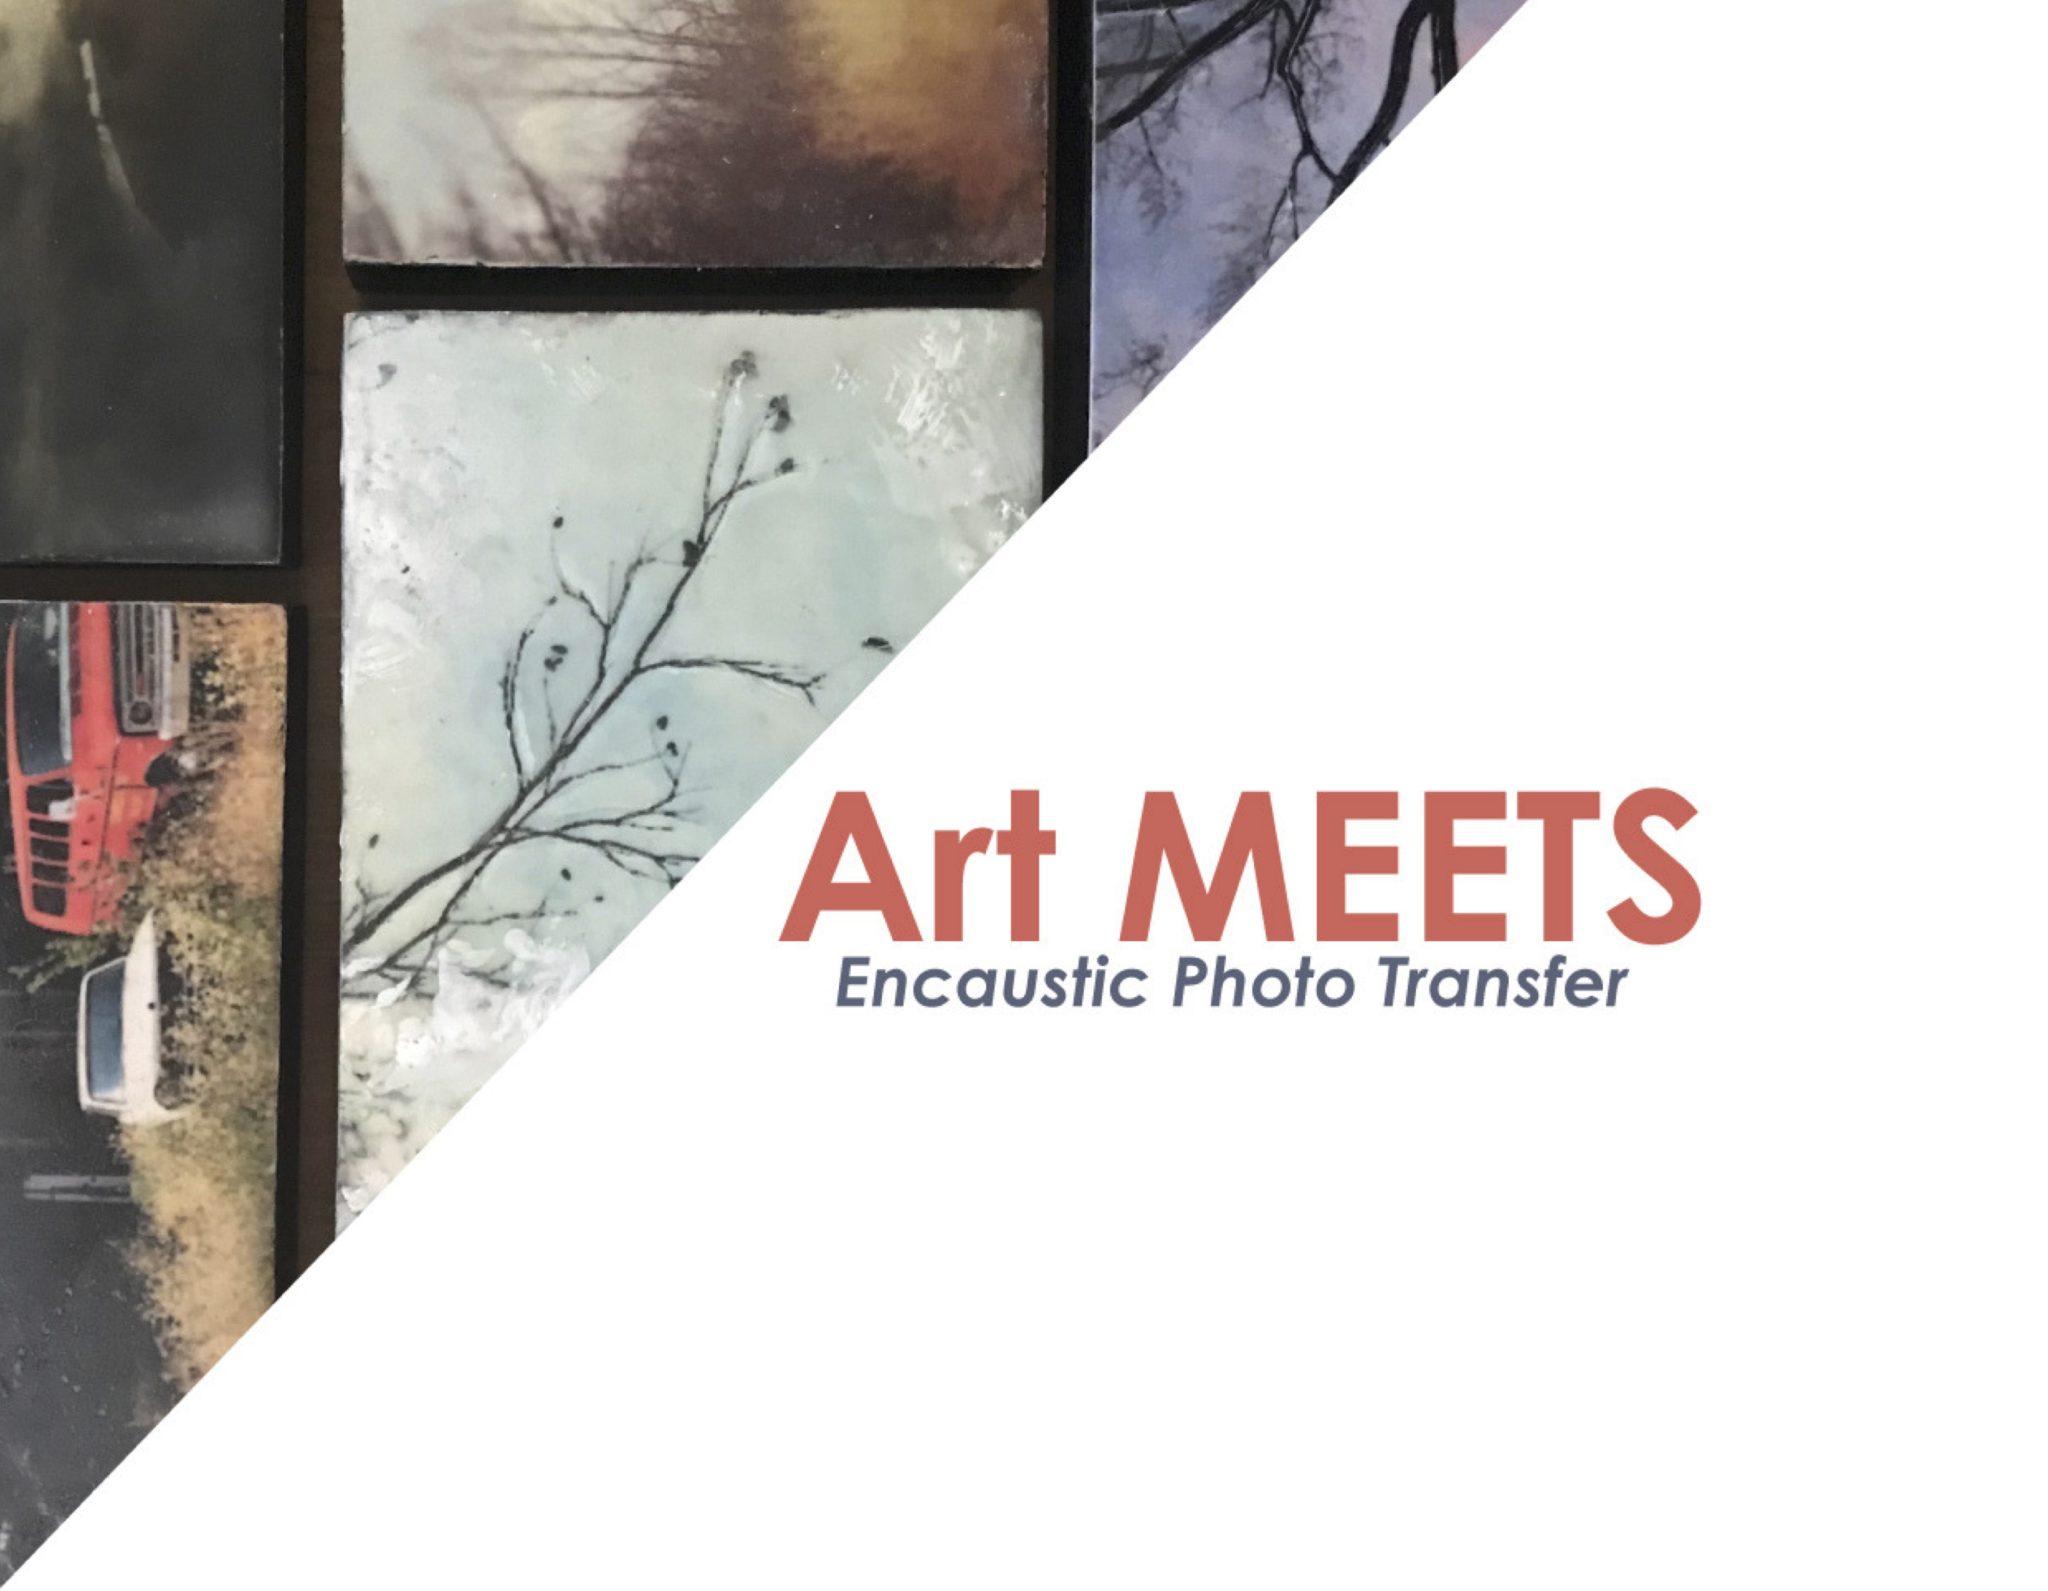 Art MEETS: Encaustic Photo Transfer